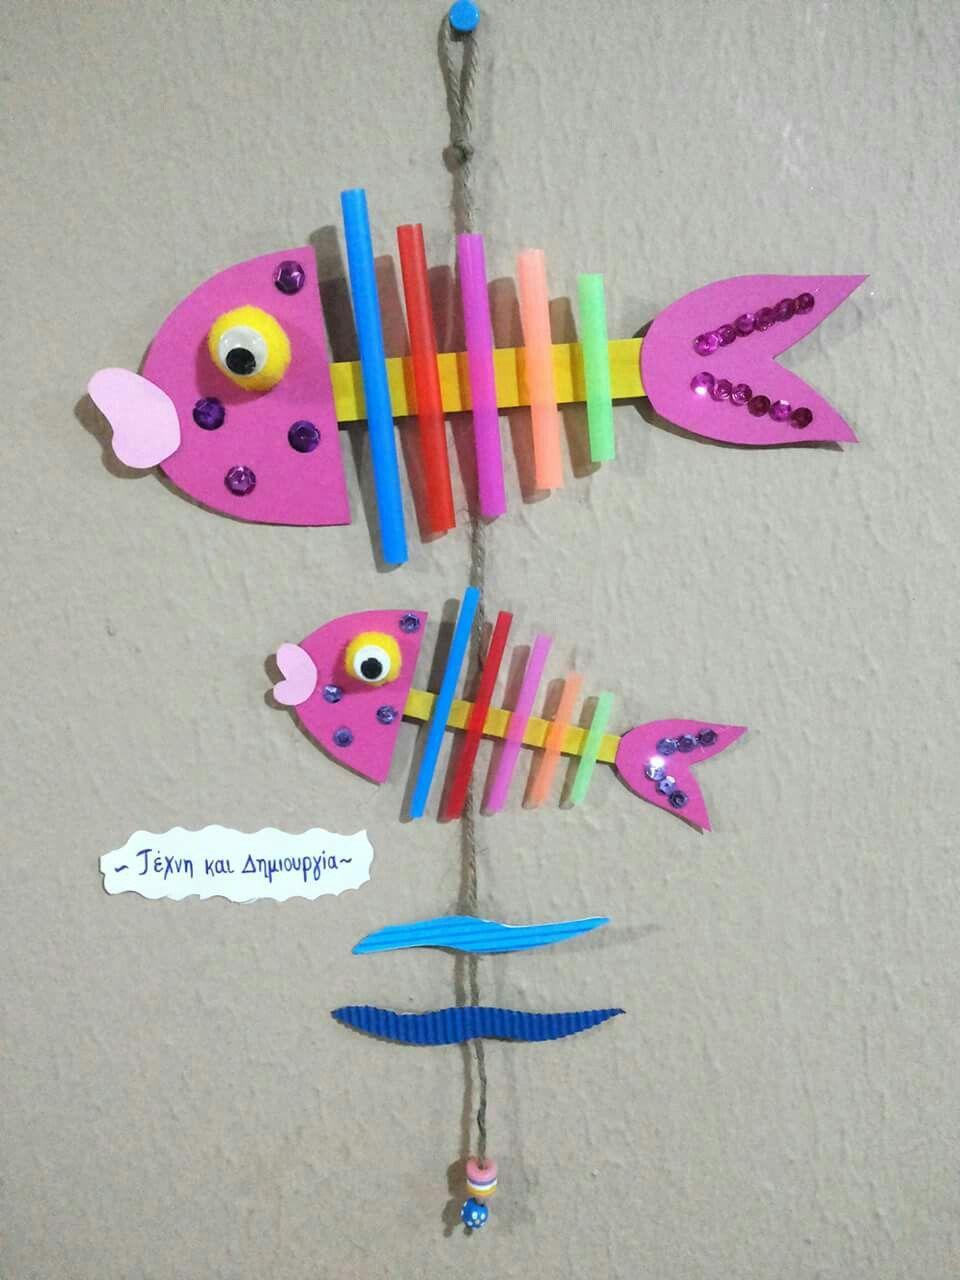 Ψαρακι #sommerlichebastelarbeiten